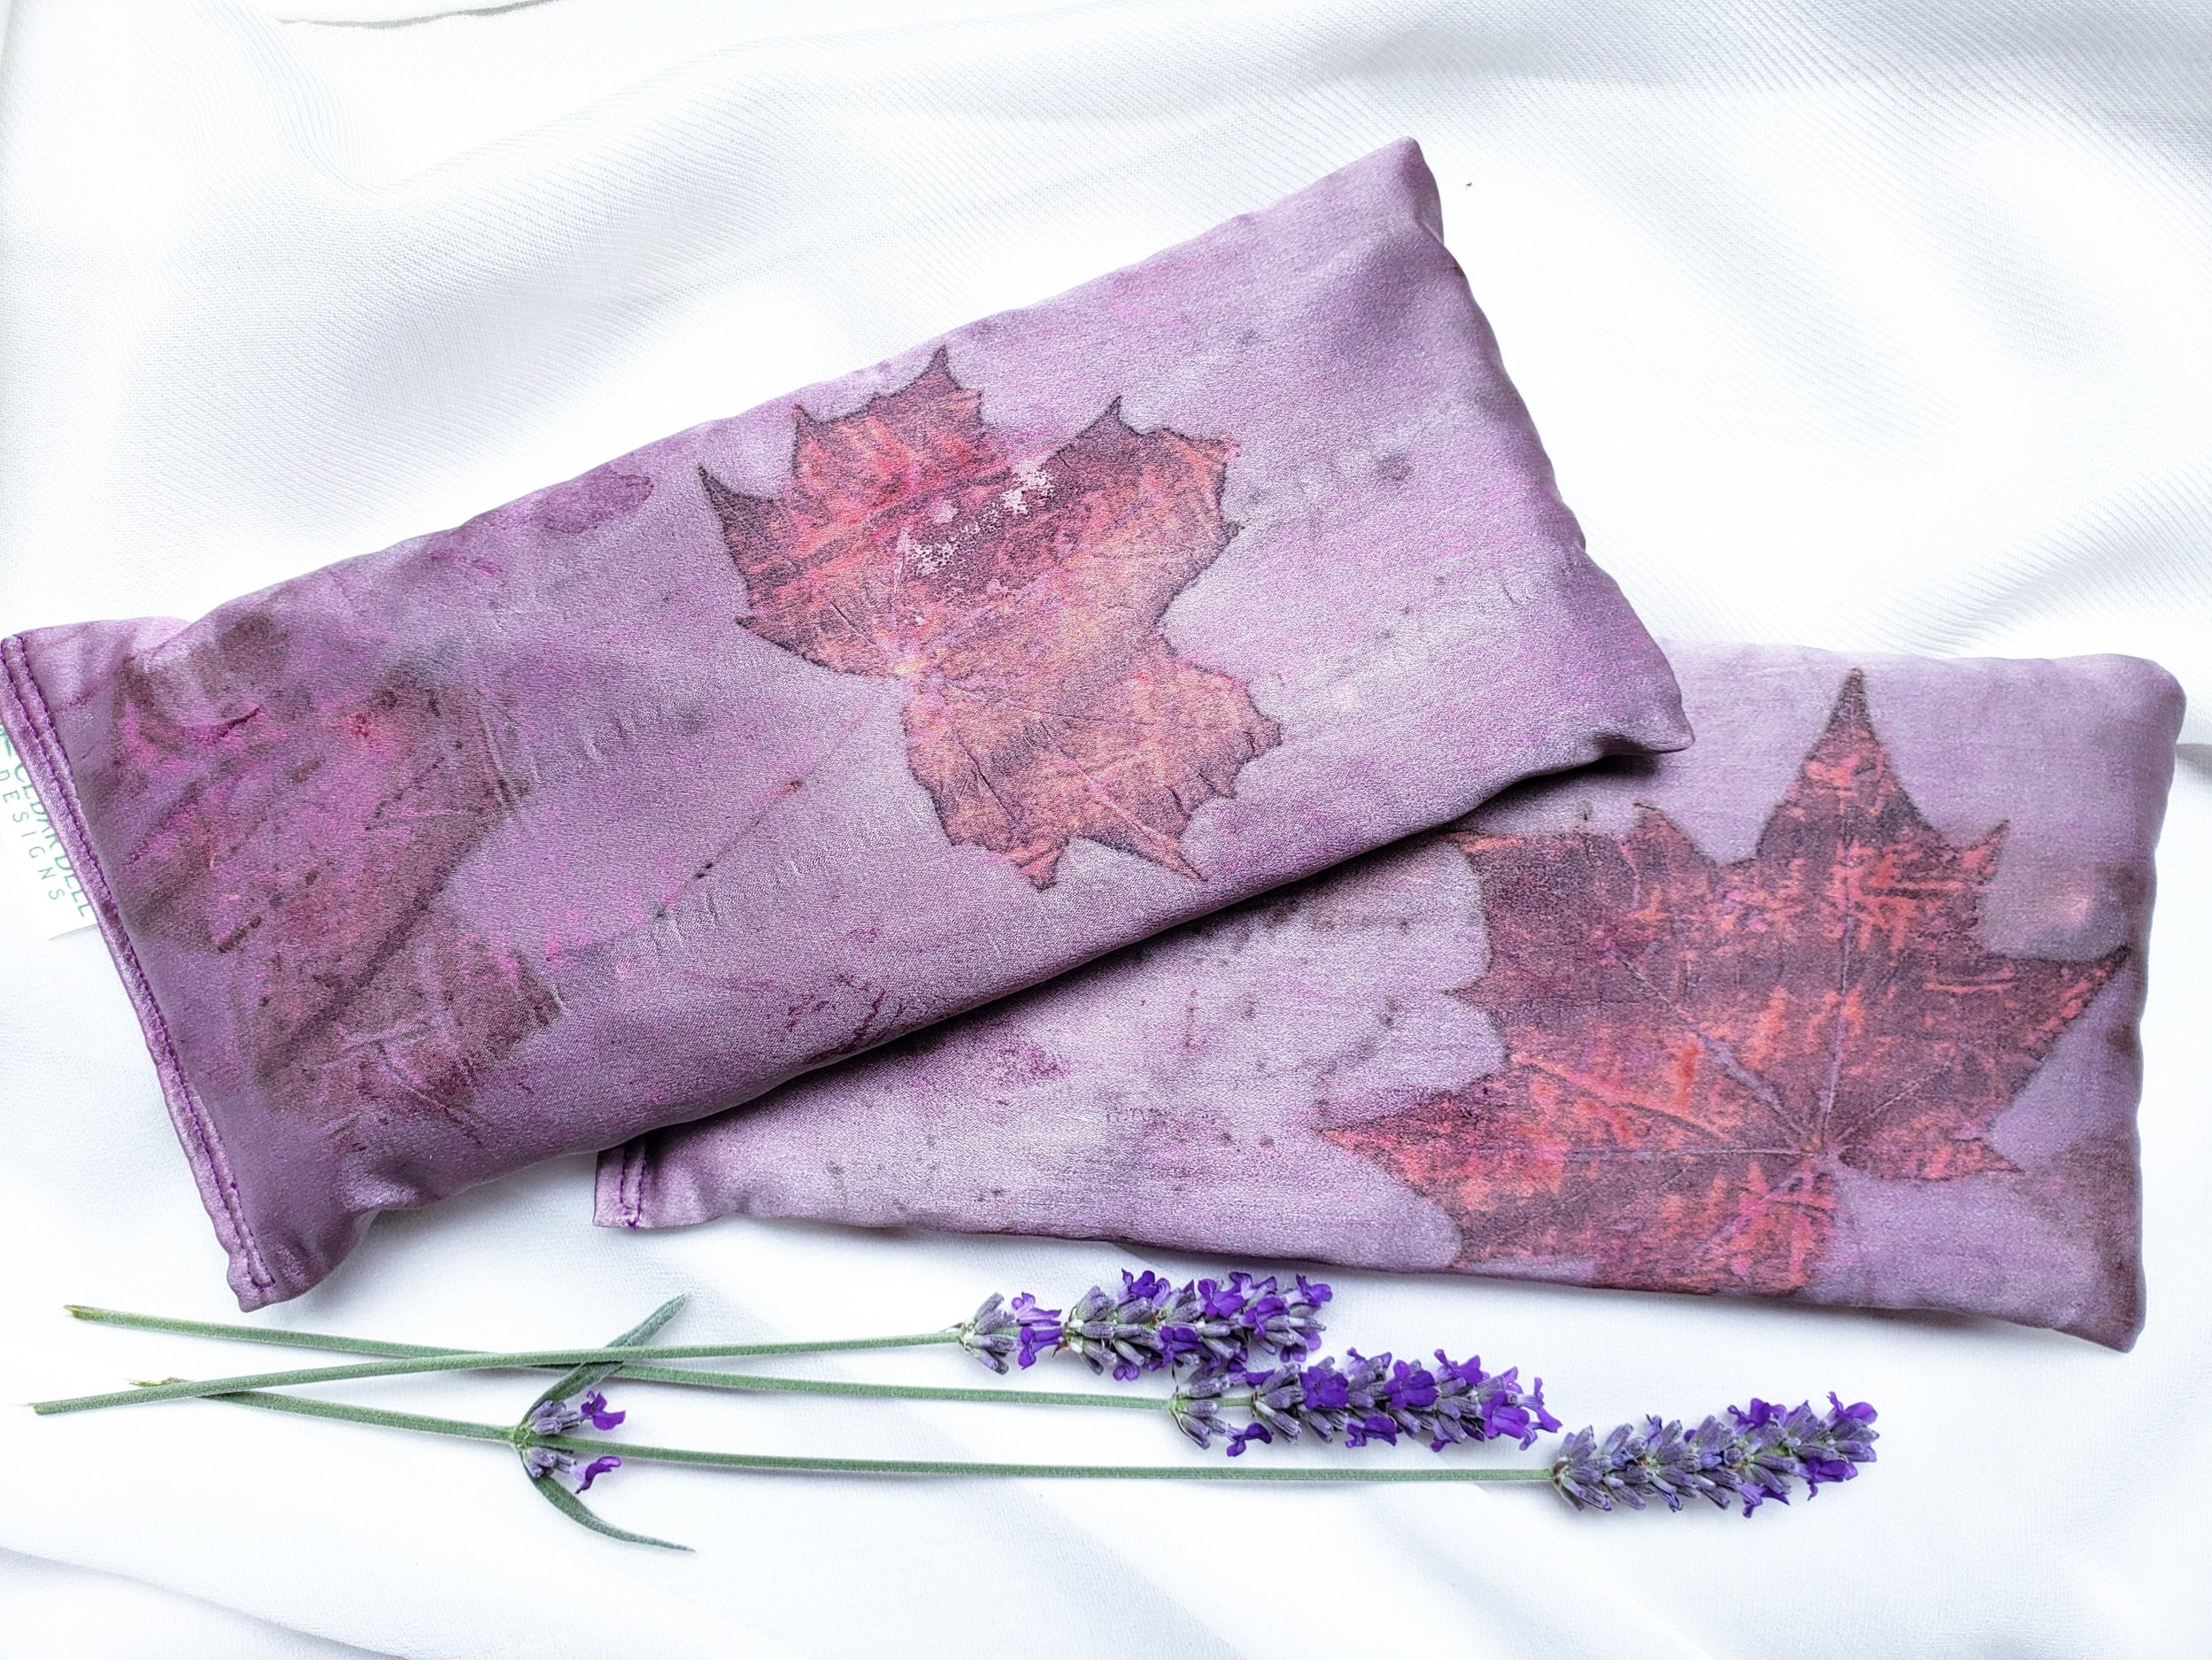 Aromatherapy Pillows & Sachets -